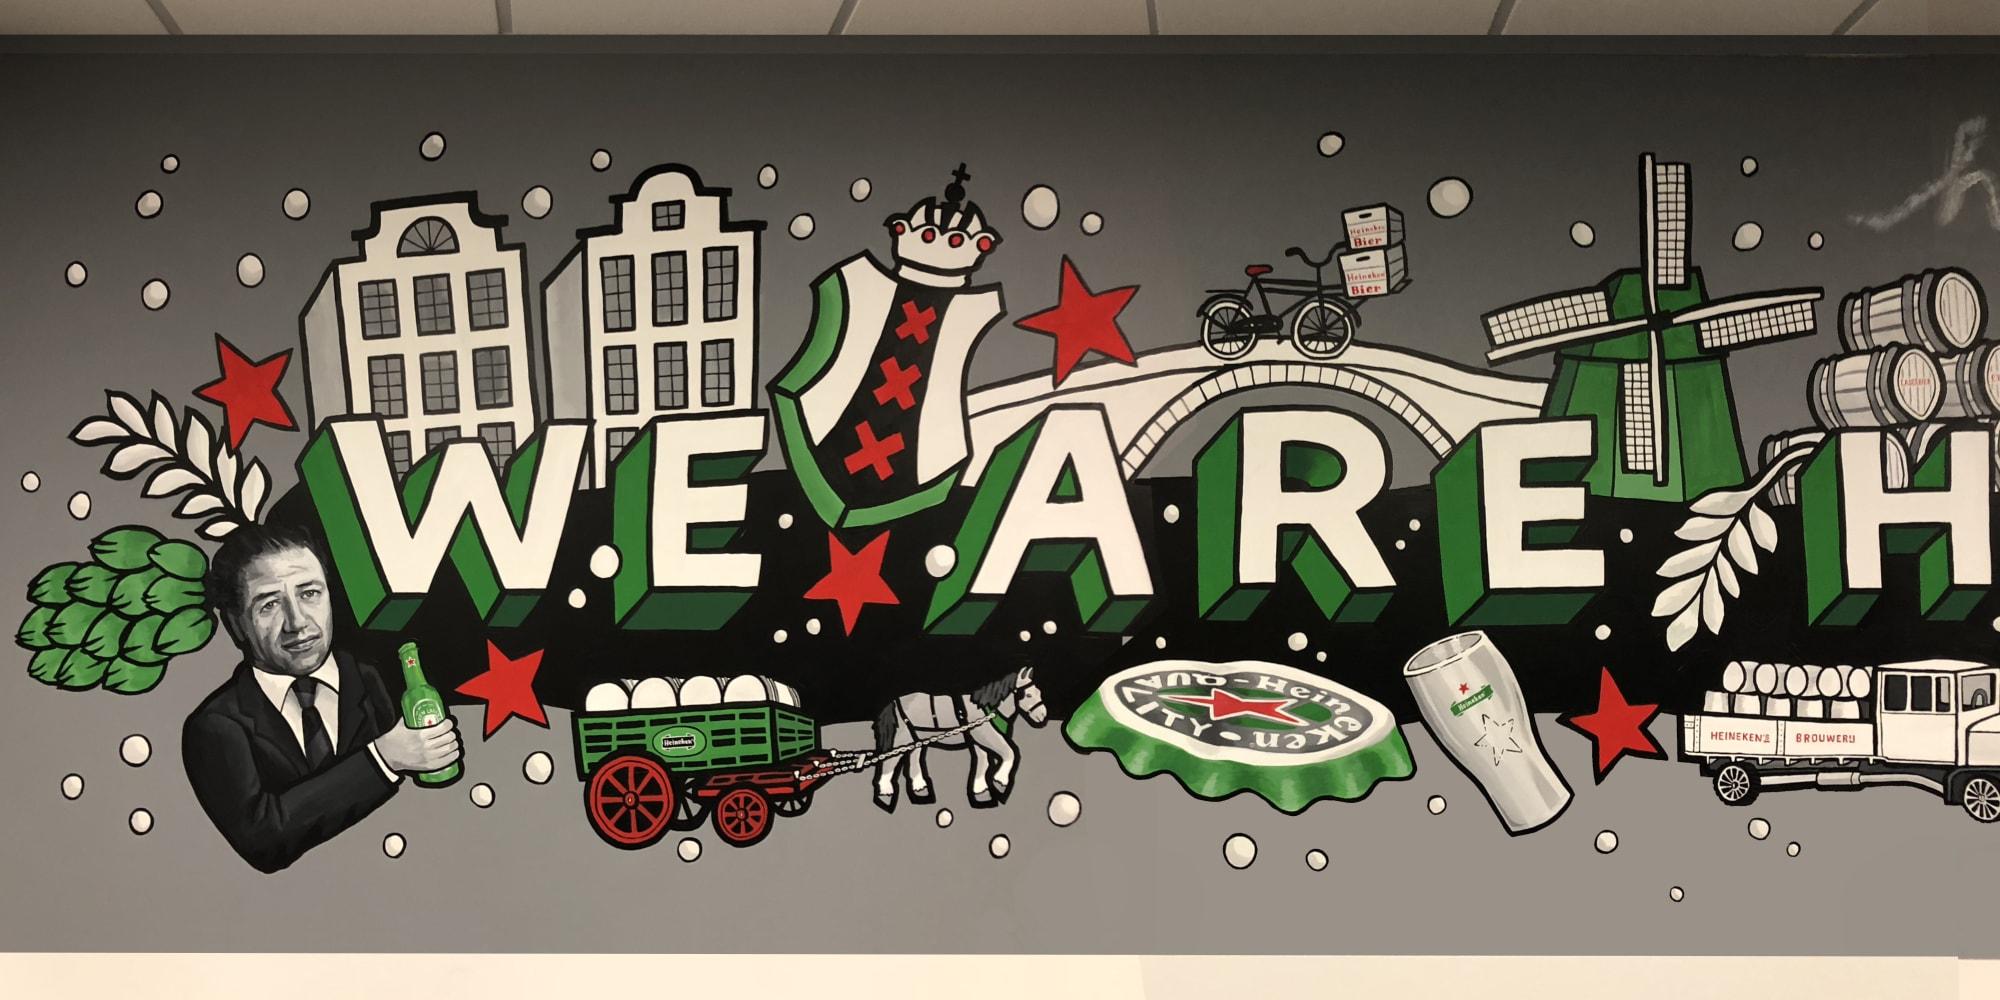 Murals by Mariel Pohlman at Urban towers, Irving - We Are Heineken Mural